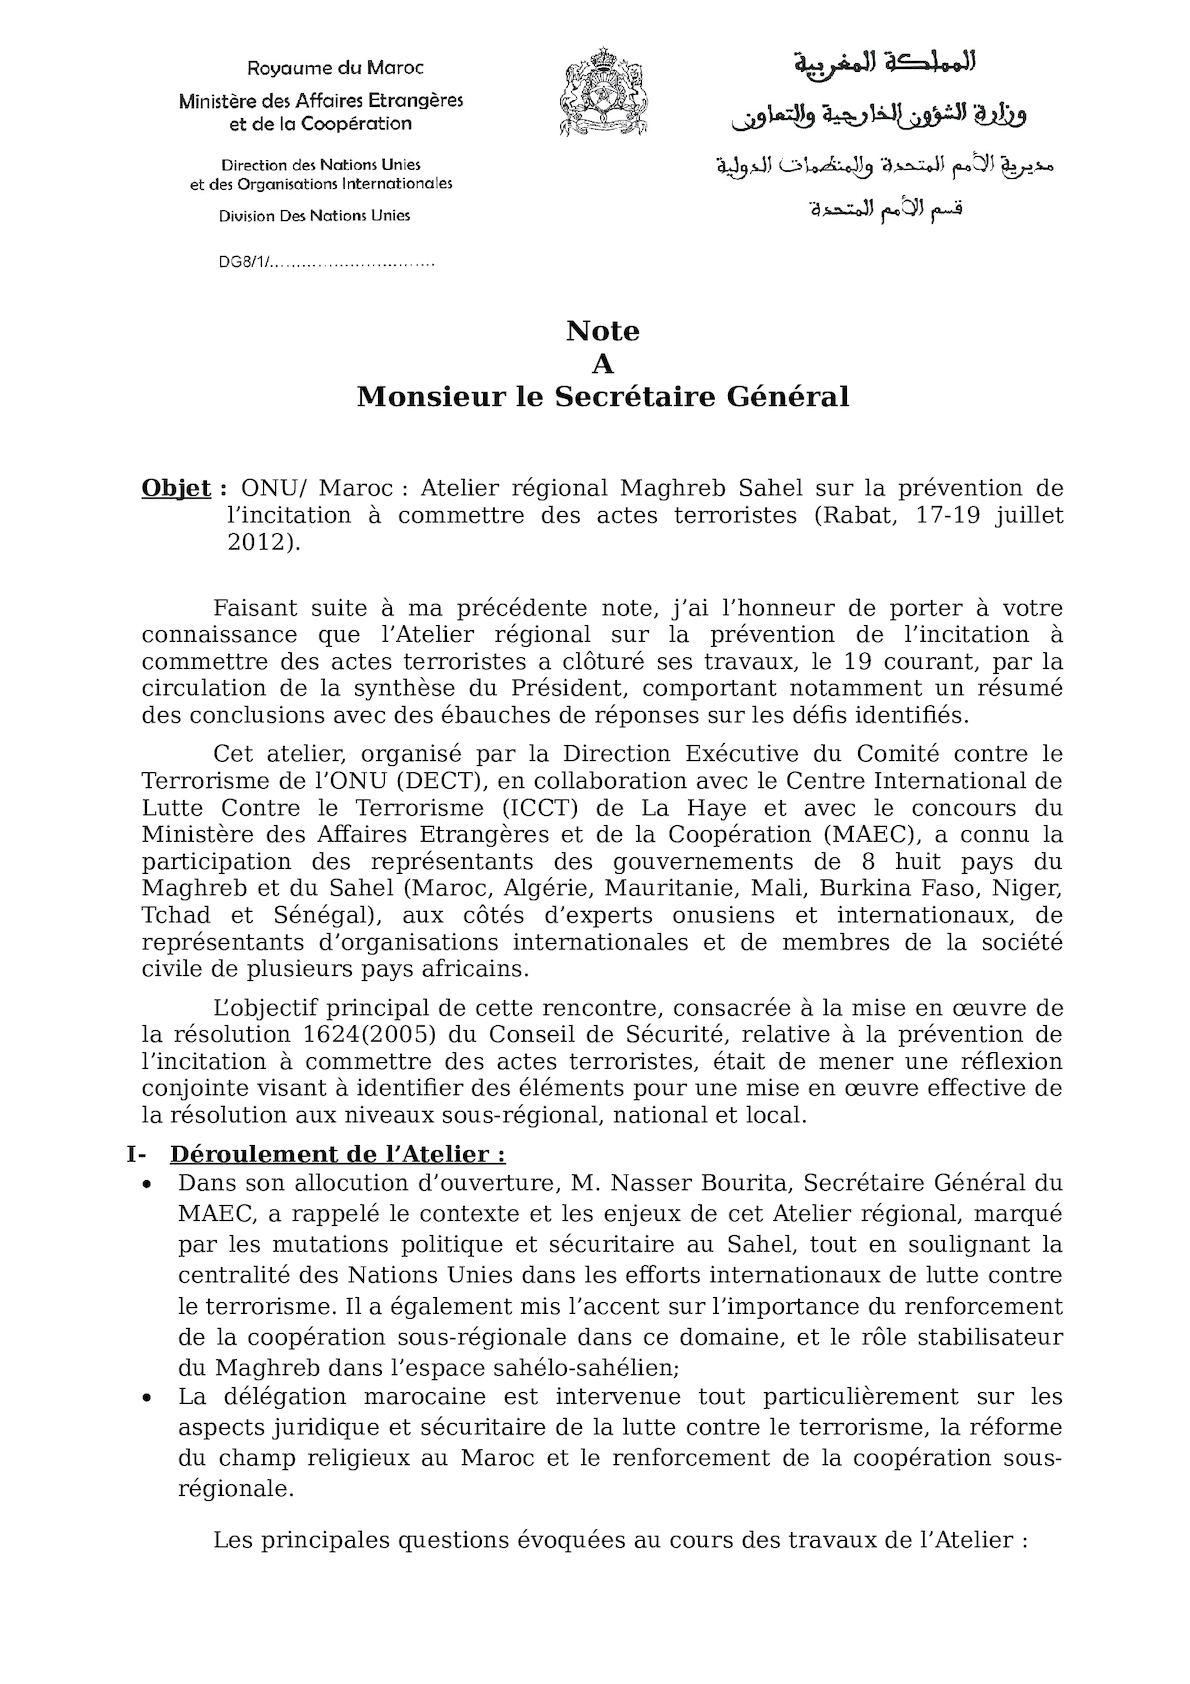 DECT Atelier Rabat- Compte Rendu 1